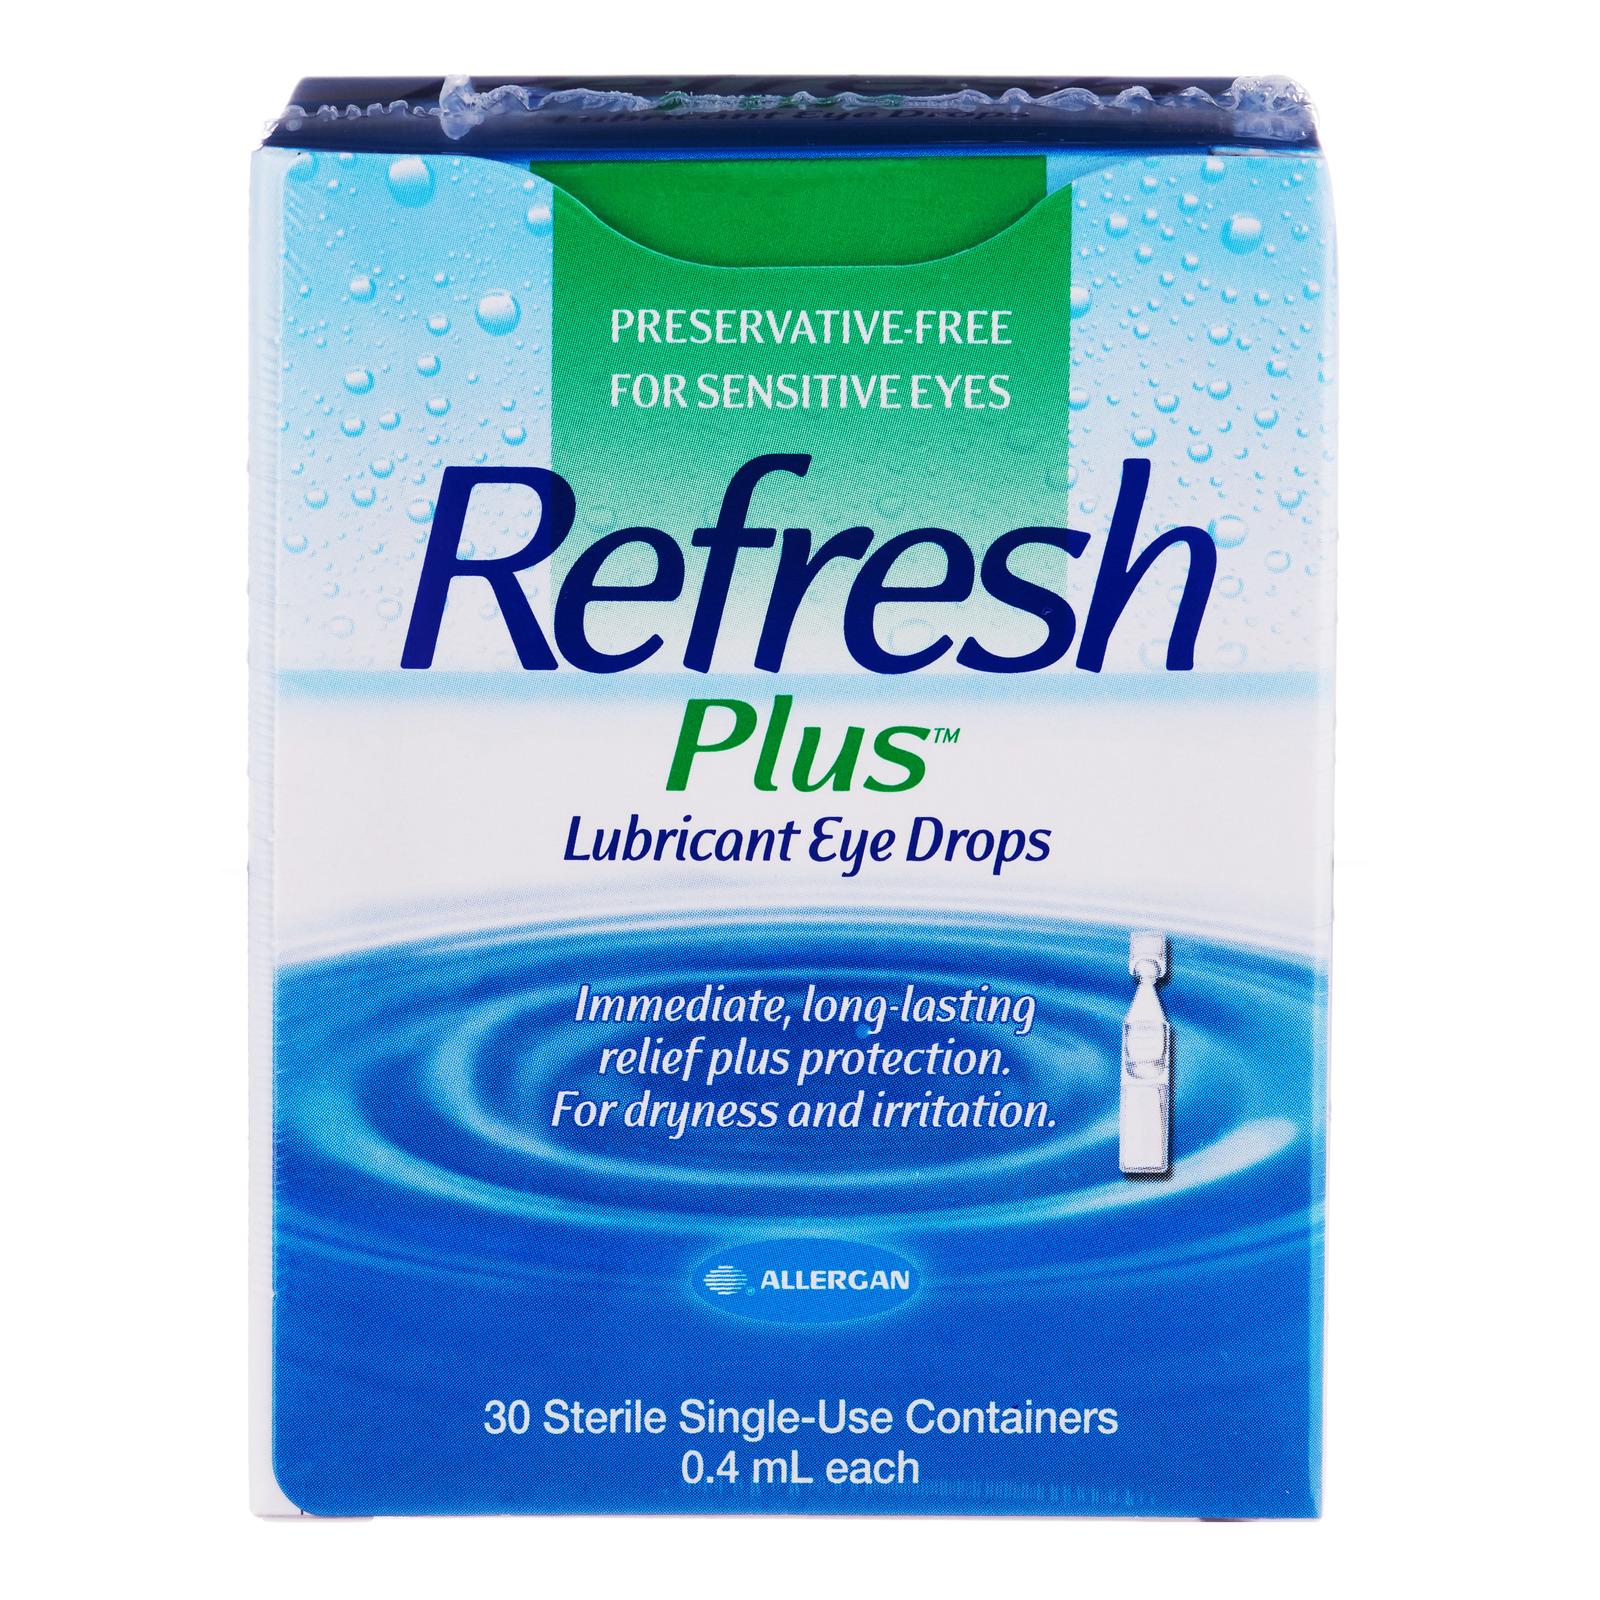 Refresh Lubricant Eye Drops - Plus